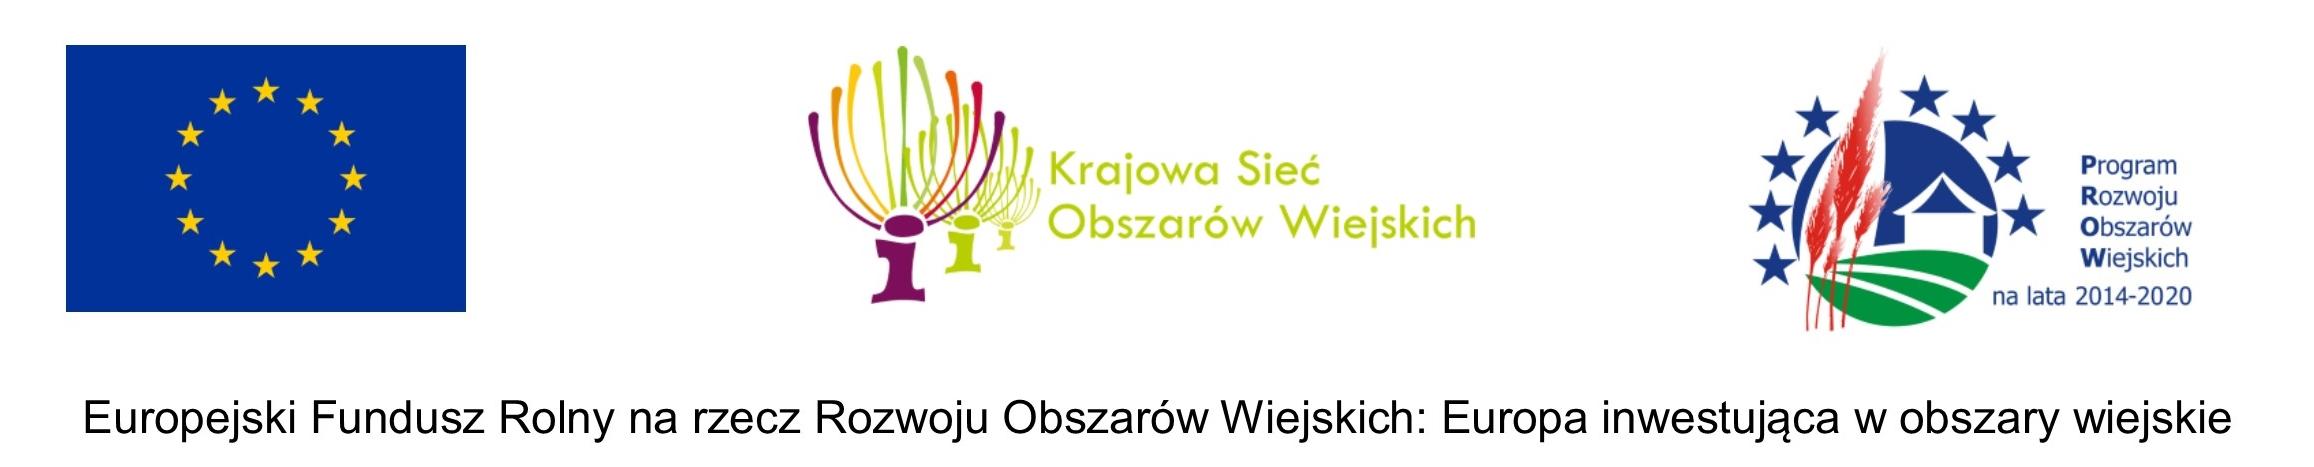 """logotypy obszary wiejskie Projekt KSOW pn.: """"Promocja dziedzictwa kulinarnego Powiatu Dąbrowskiego"""" w ramach Programu Rozwoju Obszarów Wiejskich"""